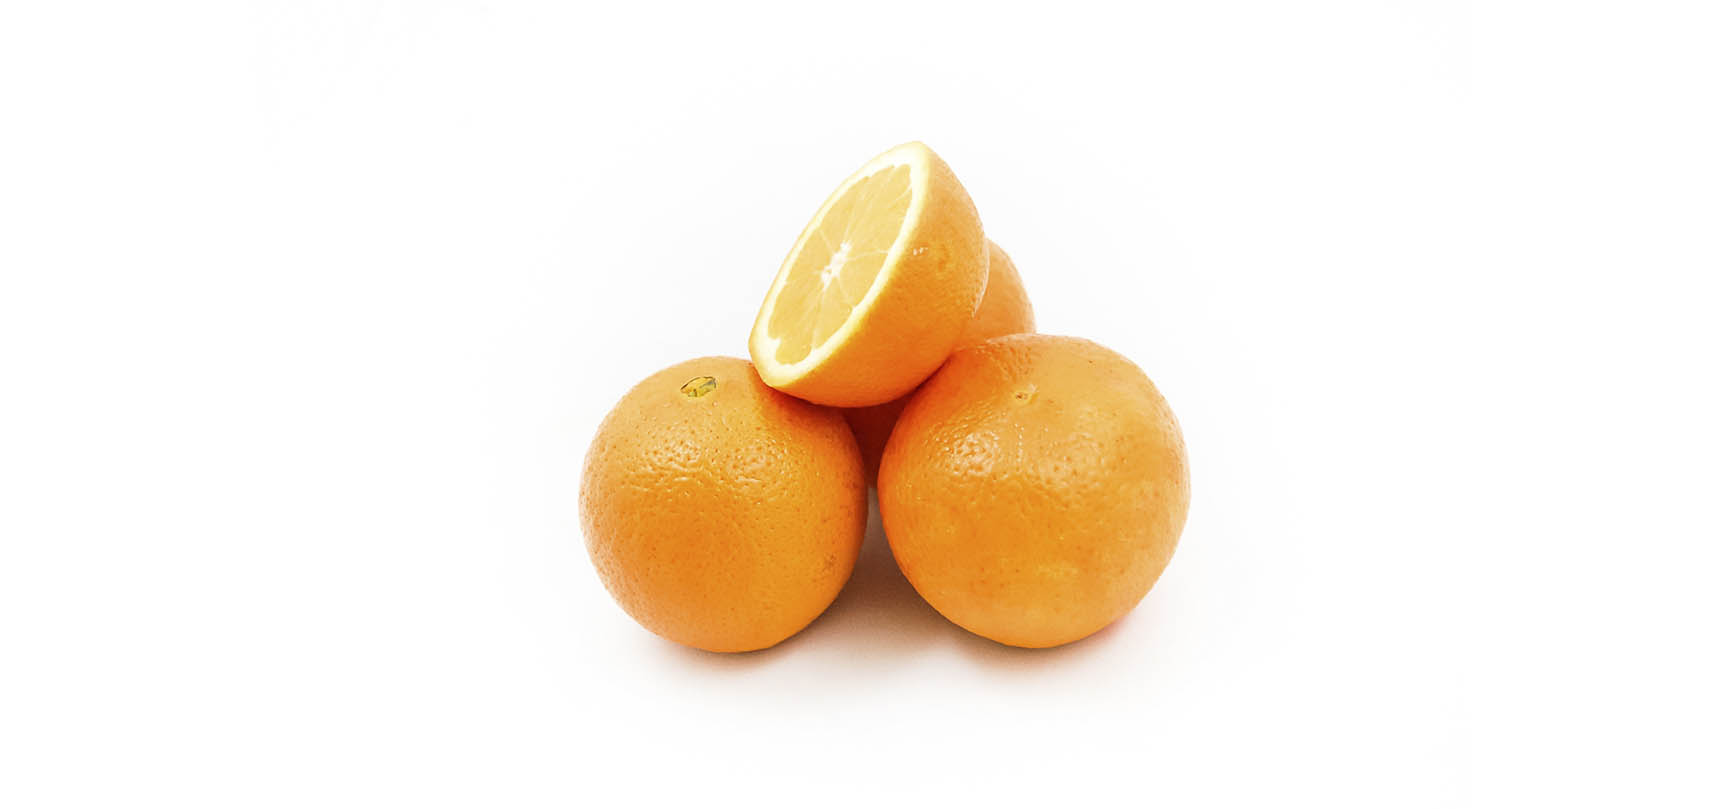 como-elegir-buenas-naranjas